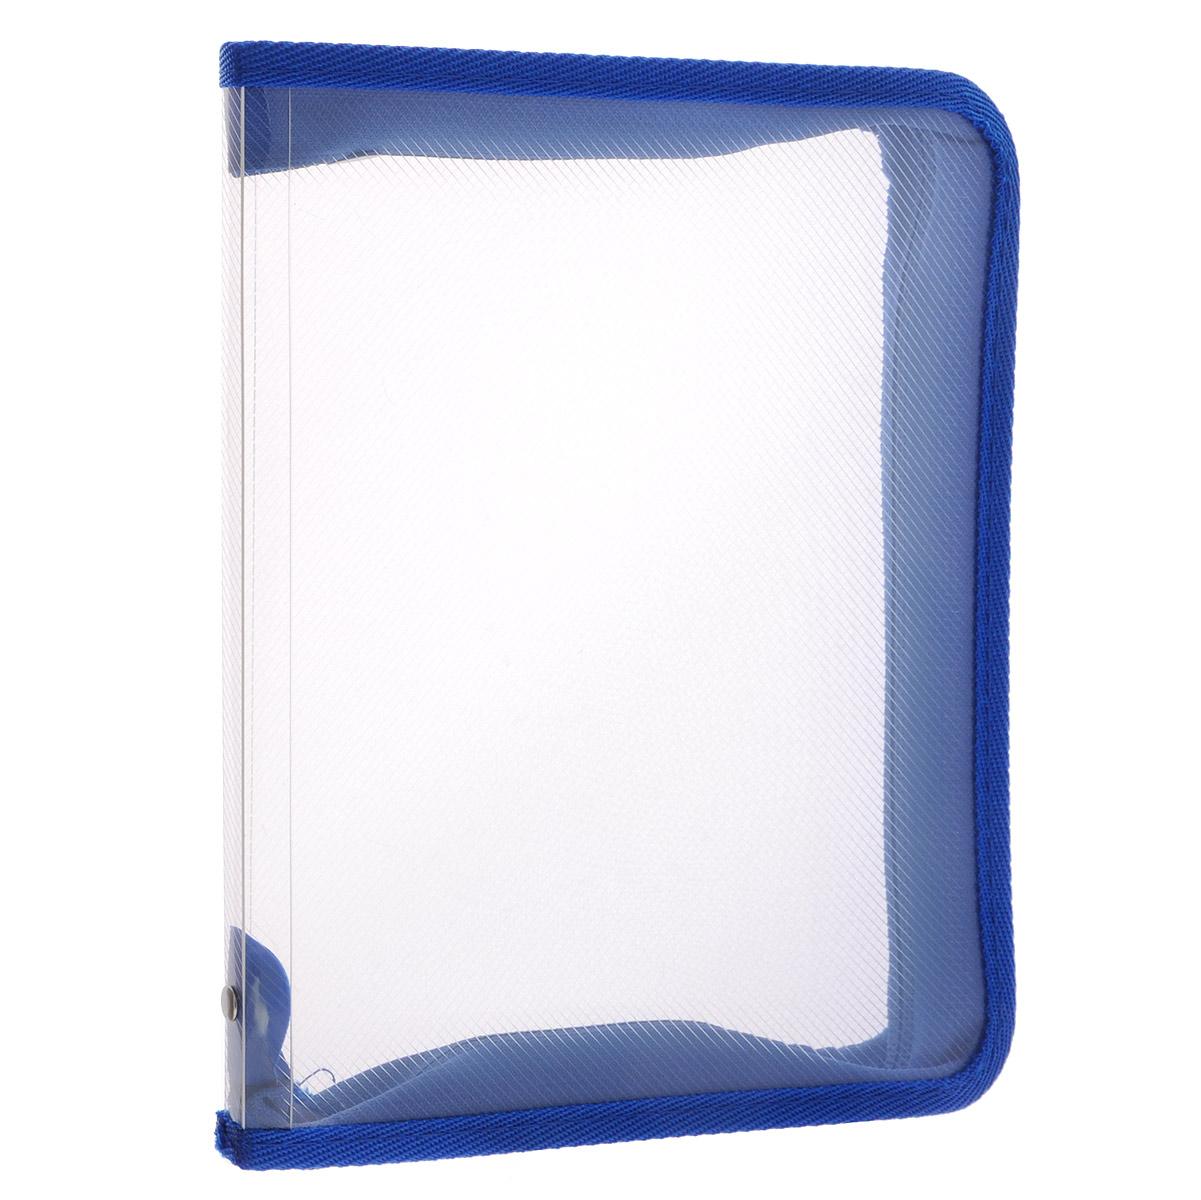 Папка Erich Krause, на молнии, цвет: прозрачный, синий. Формат В550058Папка Erich Krause - это удобный и функциональный офисный инструмент, предназначенный для хранения и транспортировки рабочих бумаг и документов формата В5, а также тетрадей и канцелярских принадлежностей. В папке одно вместительное отделение.Папка изготовлена из прозрачного высококачественного пластика, закрывается на круговую застежку-молнию. Папка состоит из одного отделения. Папка оформлена оригинальным принтом в виде мелкой клетки. Папка имеет опрятный и неброский вид. Края папки отделаны полиэстером, а уголки имеют закругленную форму, что предотвращает их загибание и помогает надолго сохранить опрятный вид обложки.Папка - это незаменимый атрибут для любого студента, школьника или офисного работника. Такая папка надежно сохранит ваши бумаги и сбережет их от повреждений, пыли и влаги. Надежная застежка-молния вокруг папки обеспечивает максимальный комфорт в использовании изделия, позволяя быстро открыть и закрыть папку.